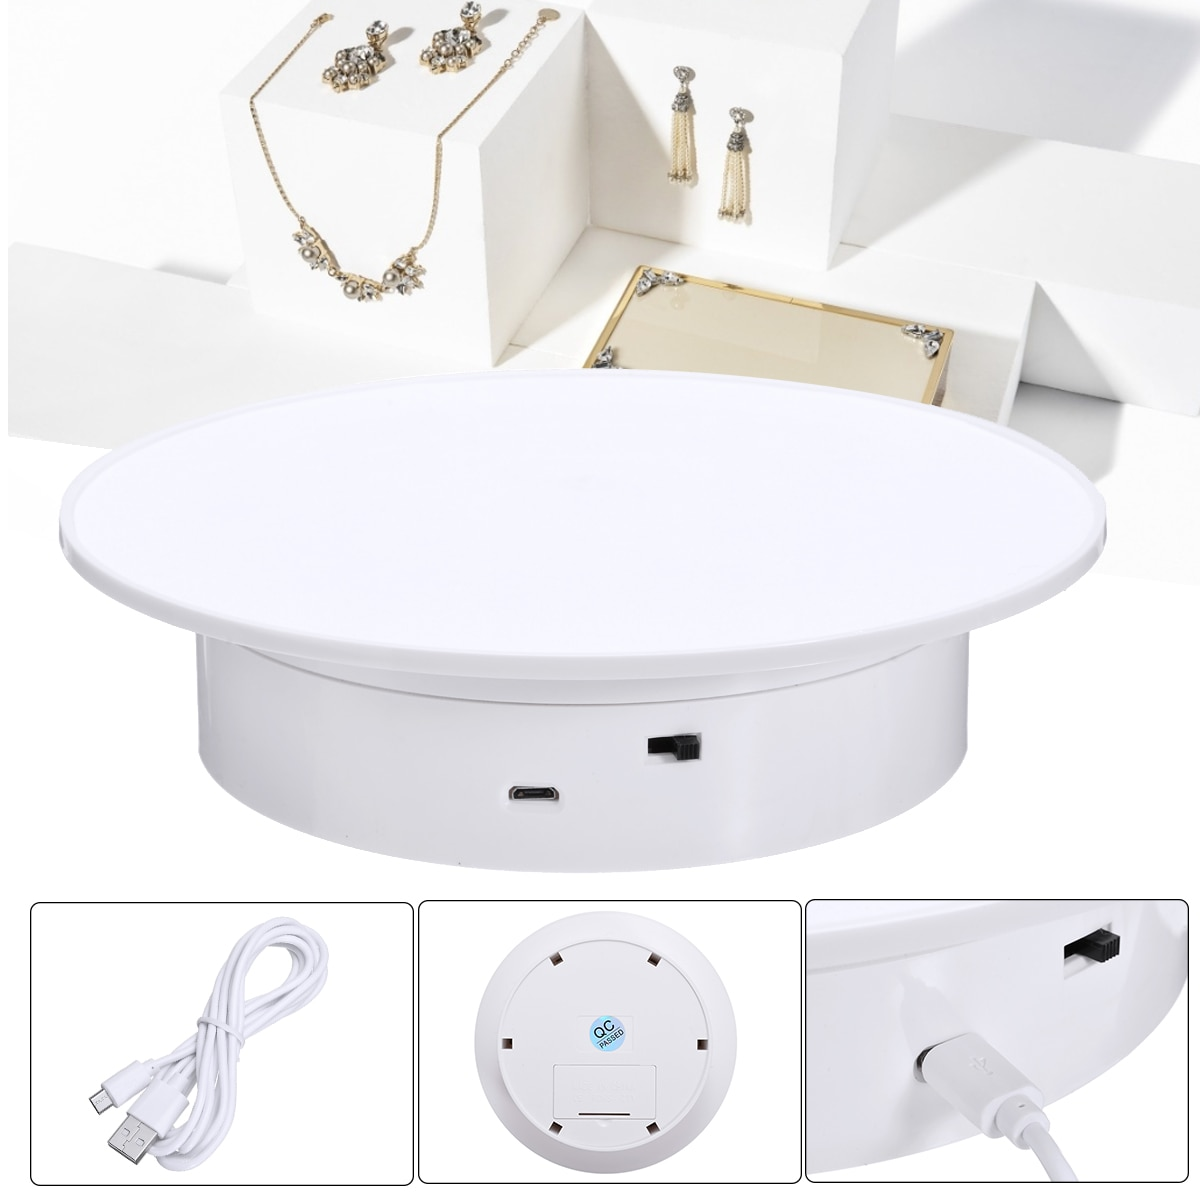 360 درجة الكهربائية الدورية الدوار حامل شاشة دوار للتصوير ساعة مجوهرات المنتج الرقمي USB بالطاقة